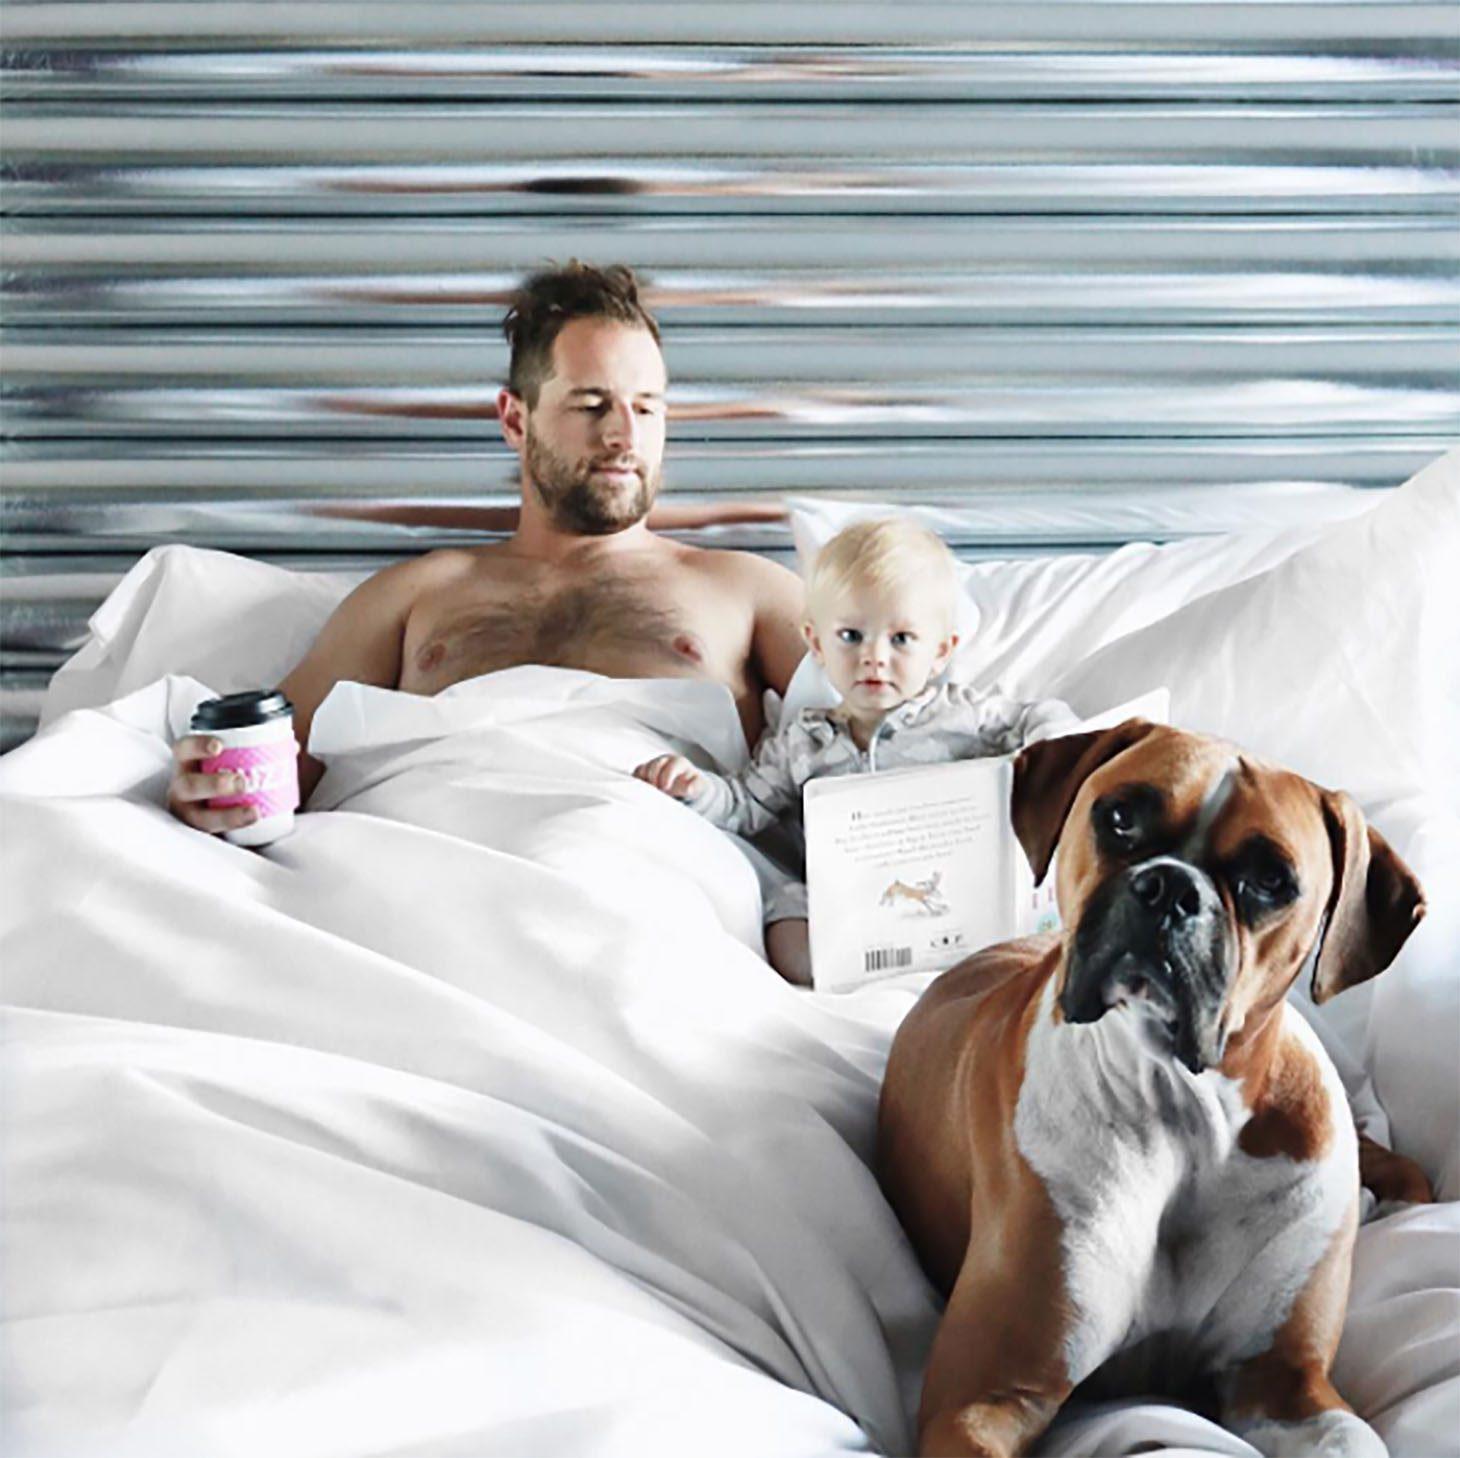 Justin Pasutto - On Fatherhood